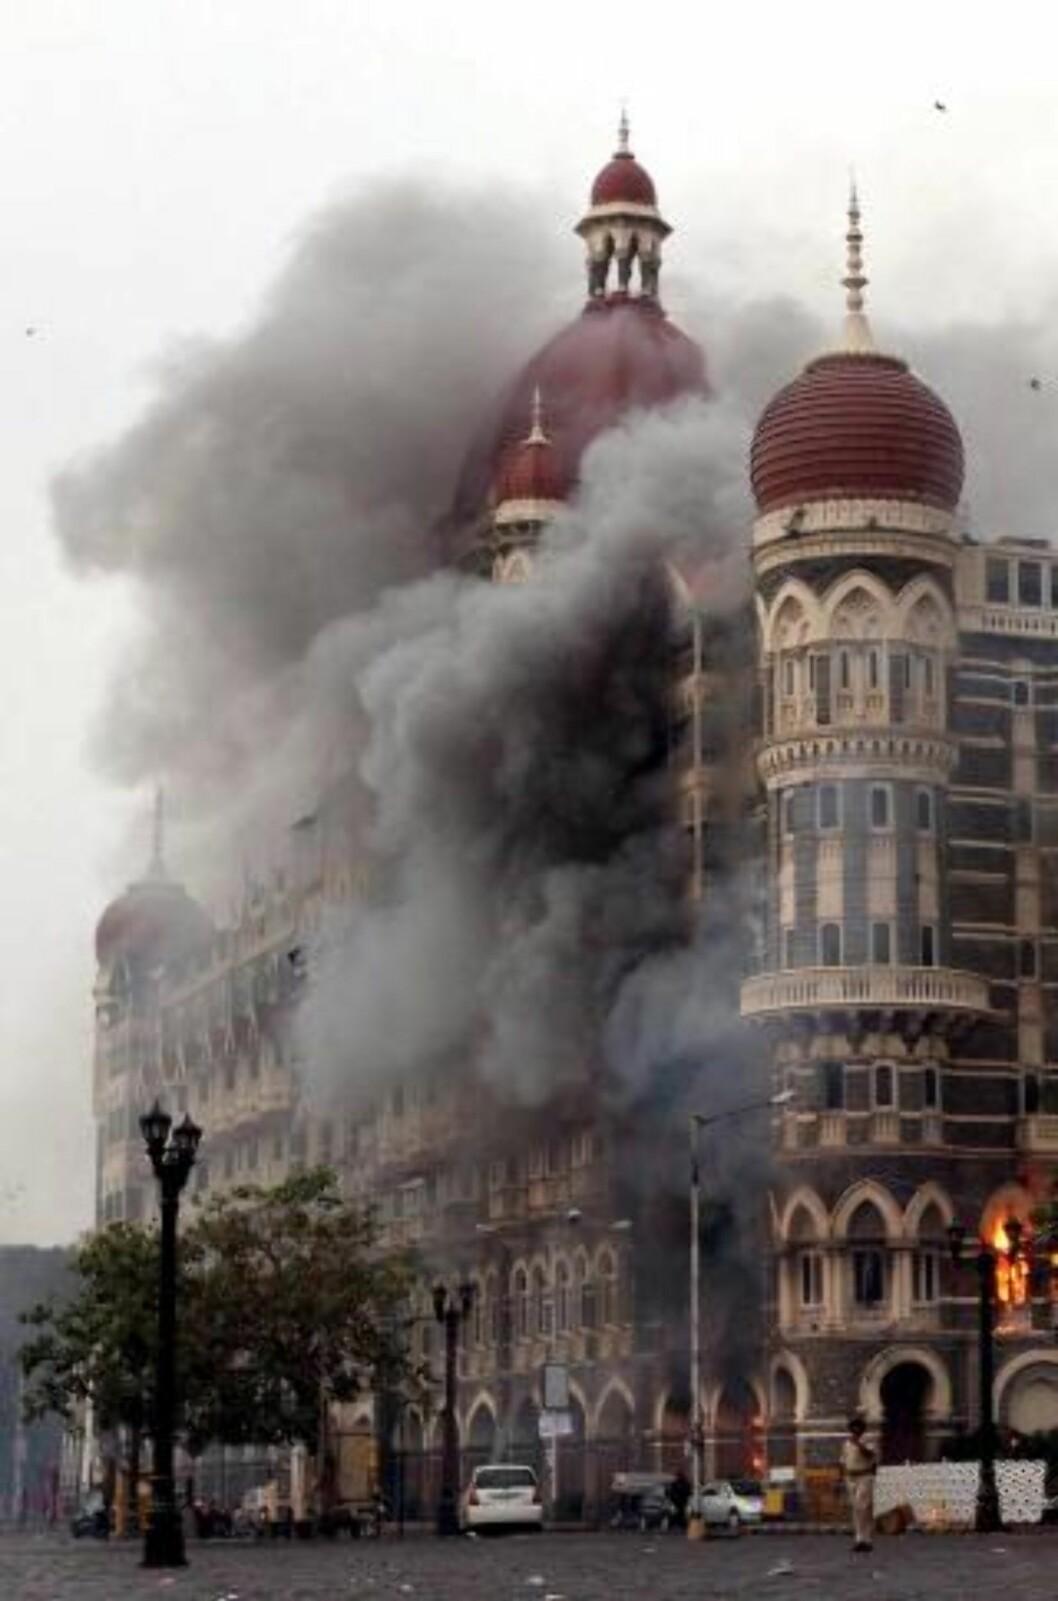 166 MENNESKER BLE DREPT: 28. november slo terrorister til mot en rekke mål i Mumbai i India. Hoteller, sentralbanestasjonen, sykehus og utesteder ble rammet. Flere hundre mennesker ble tatt som gisler, og minst 166 mennesker ble drept i angrepene. Foto: SCANPIX